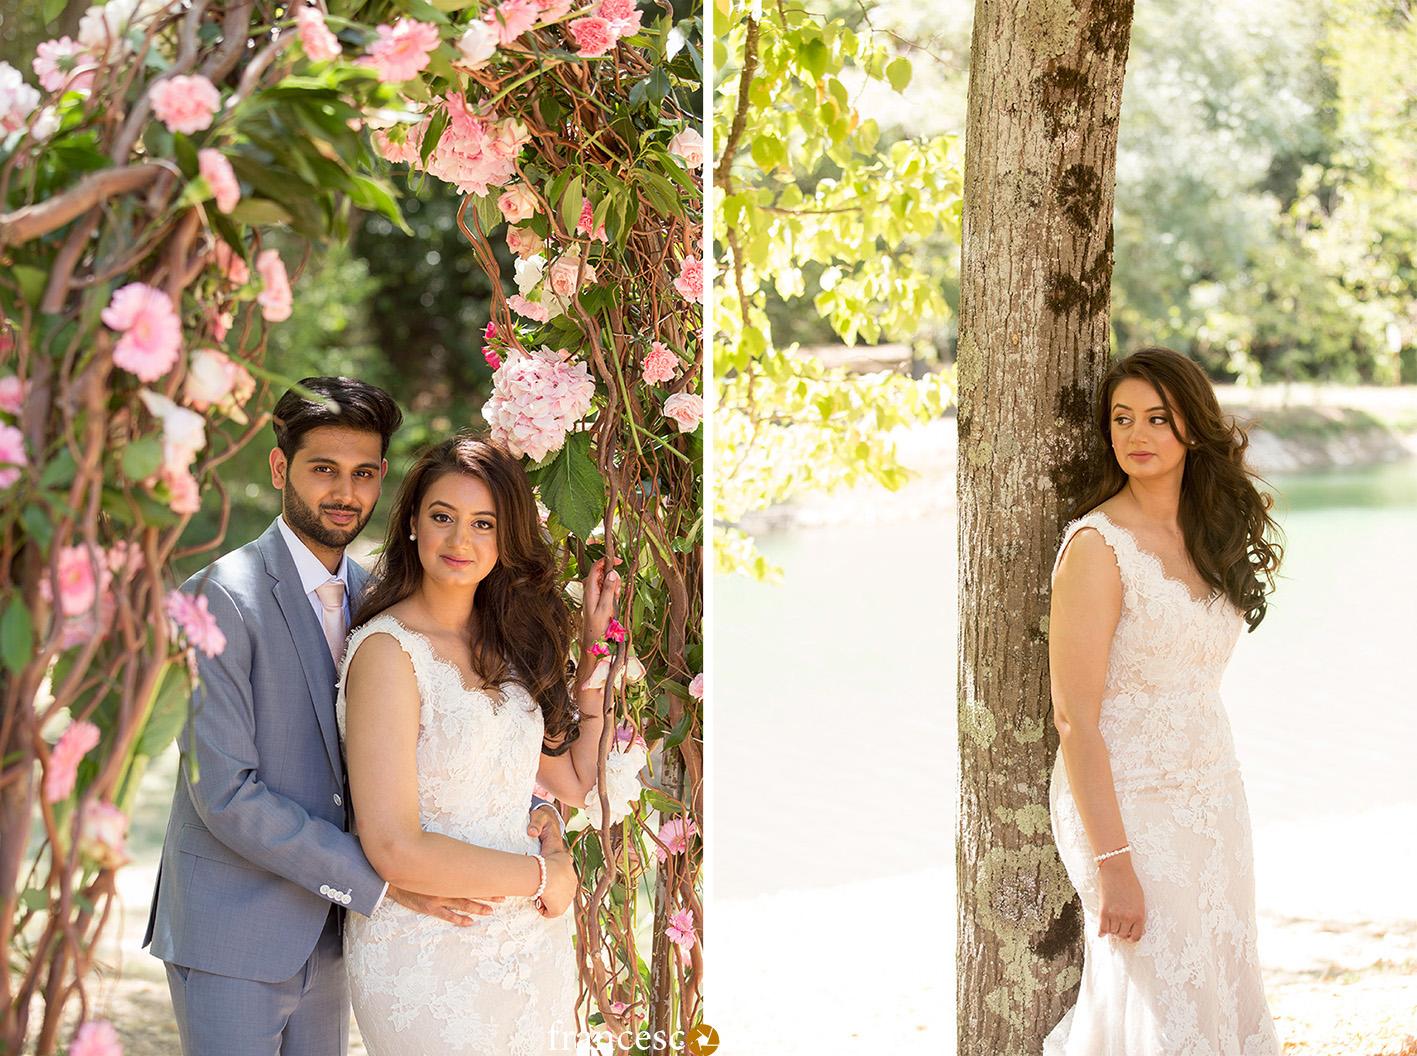 Servizio fotografico per sposi indiani